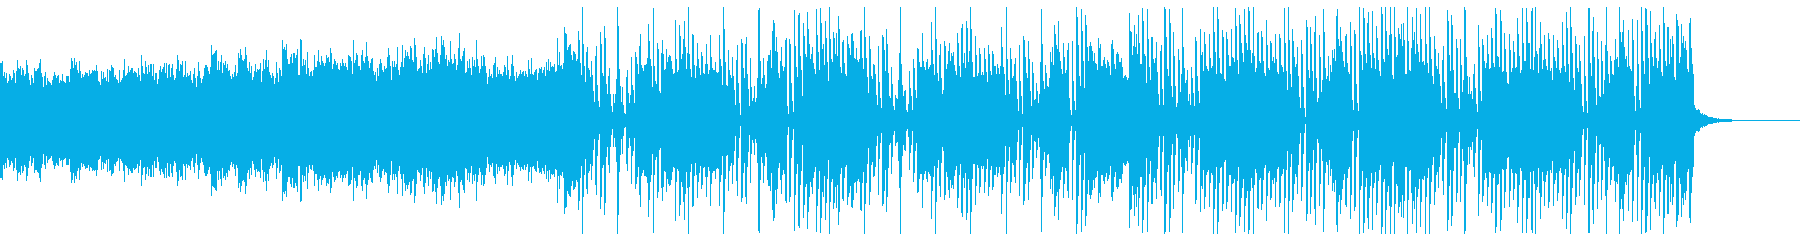 ガヤガヤした感じの変則ビートの再生済みの波形